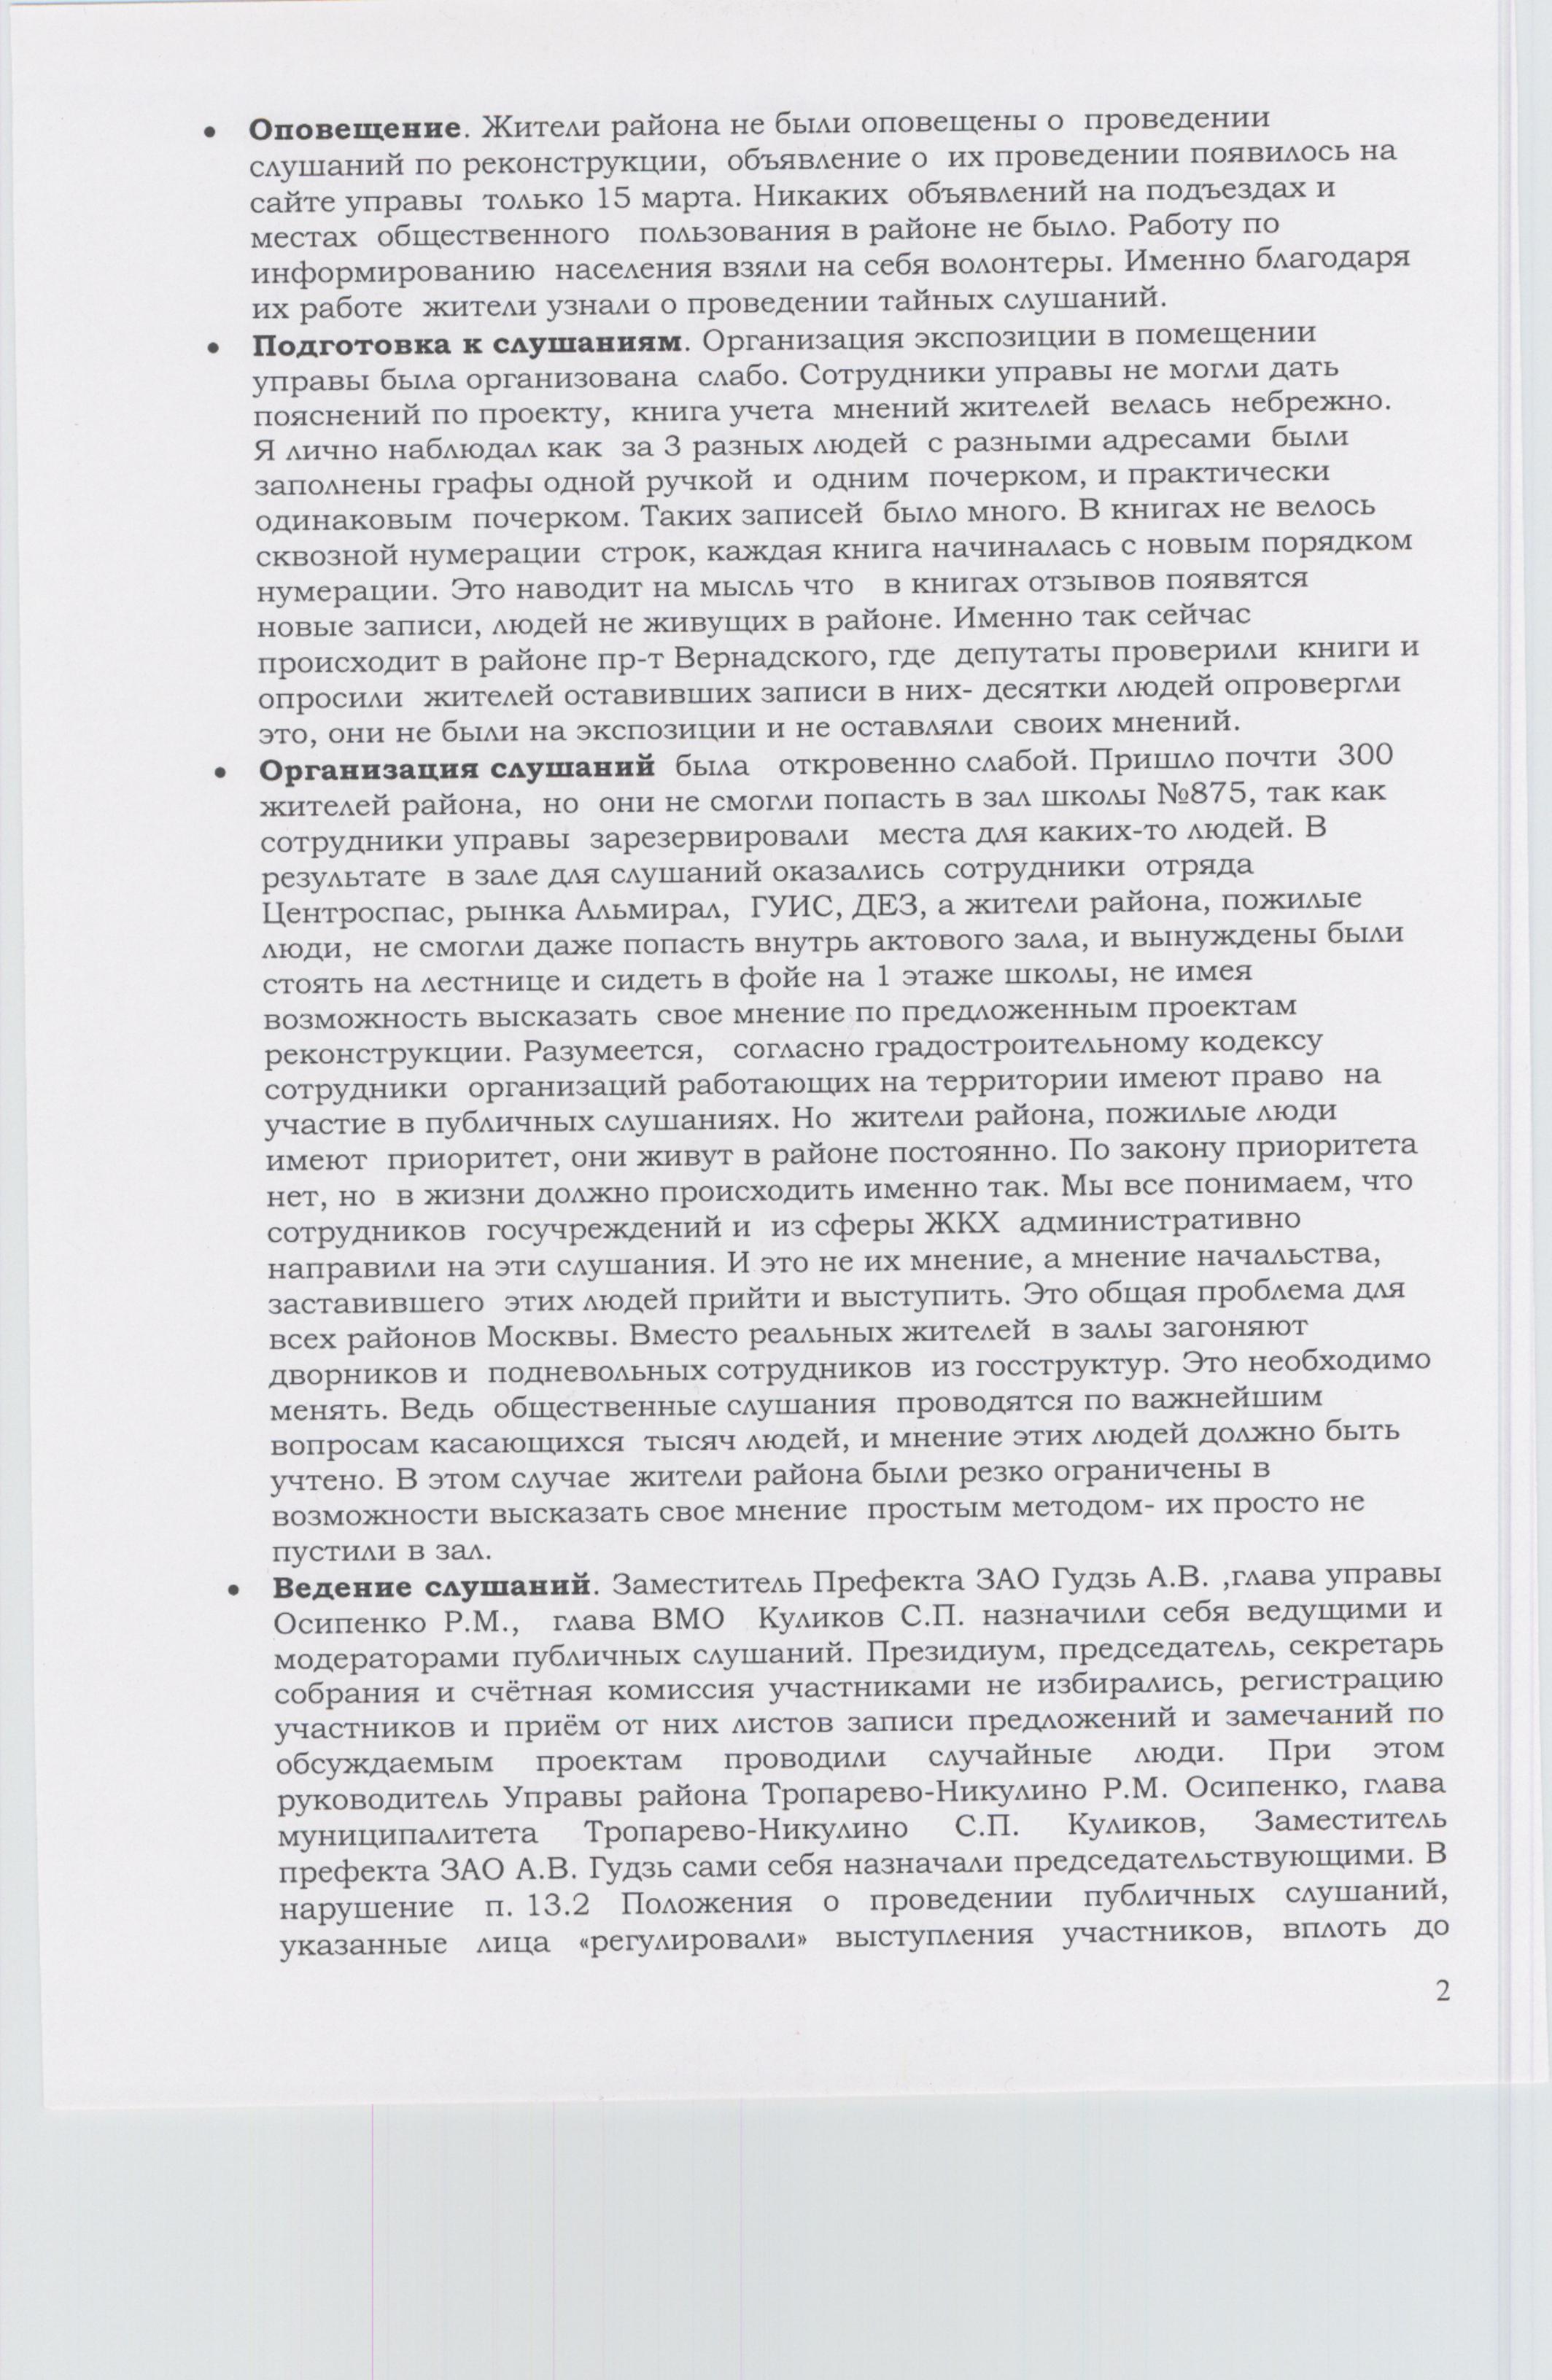 обращение к собянину 04.04.13 002